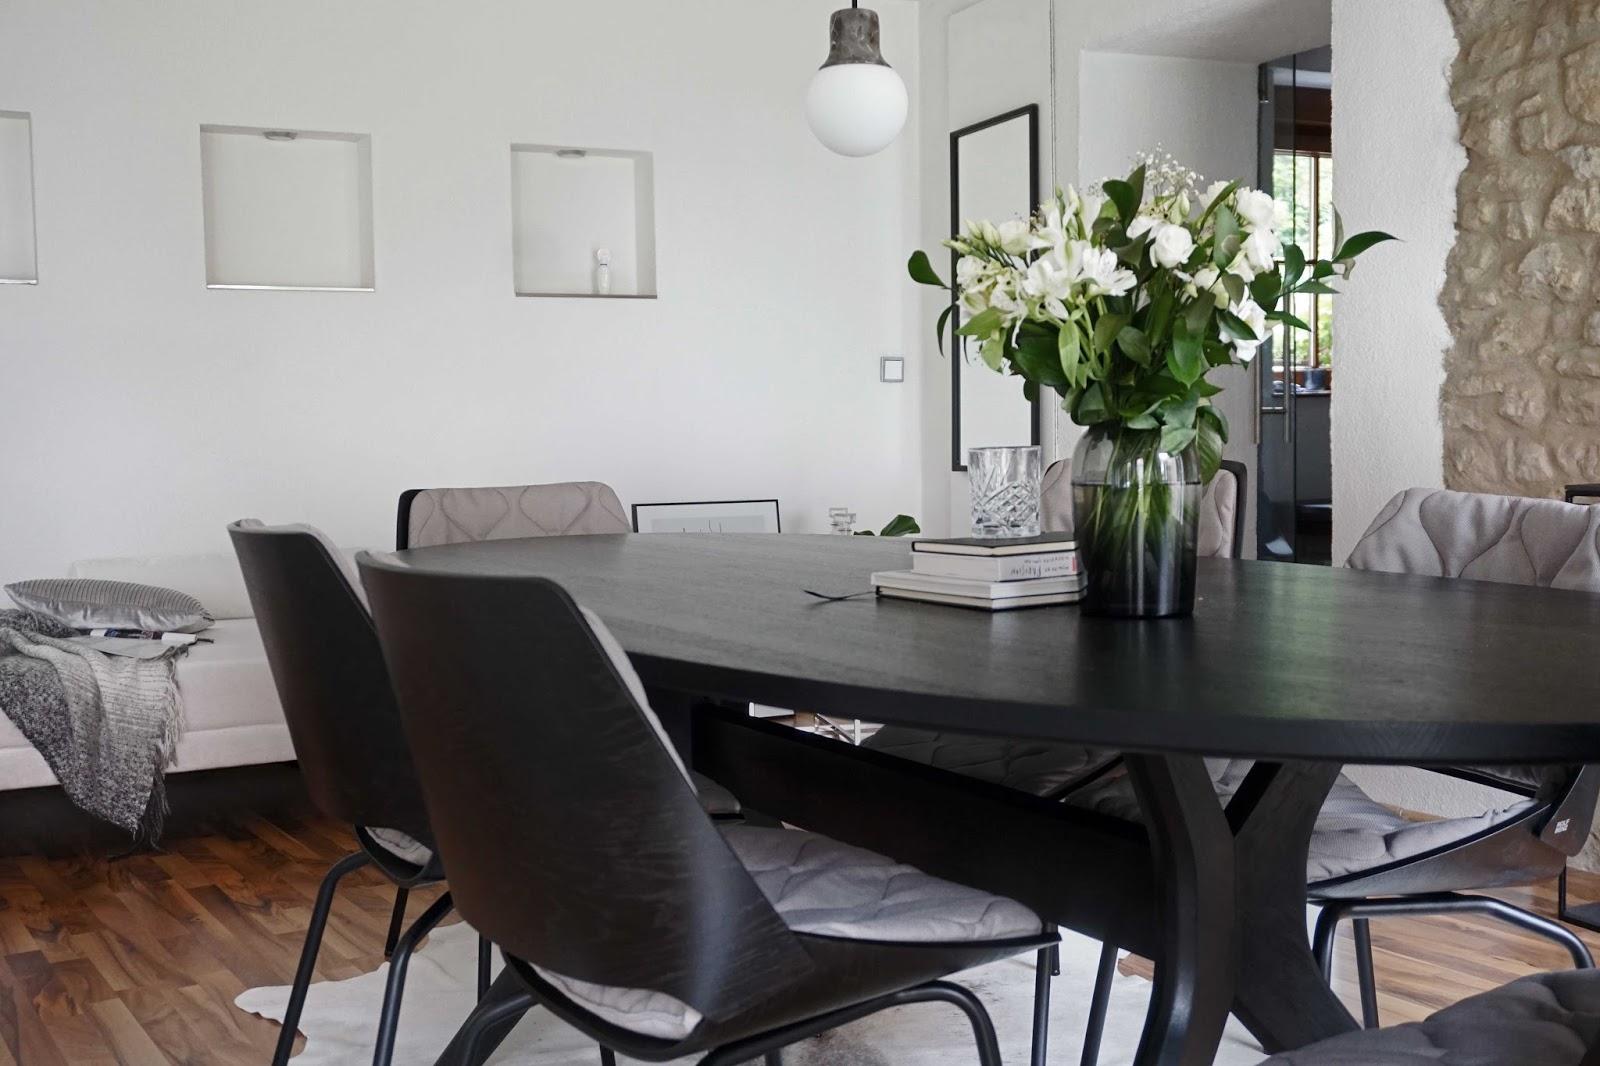 new in rolf benz und give away s t i l r e i c h blog. Black Bedroom Furniture Sets. Home Design Ideas